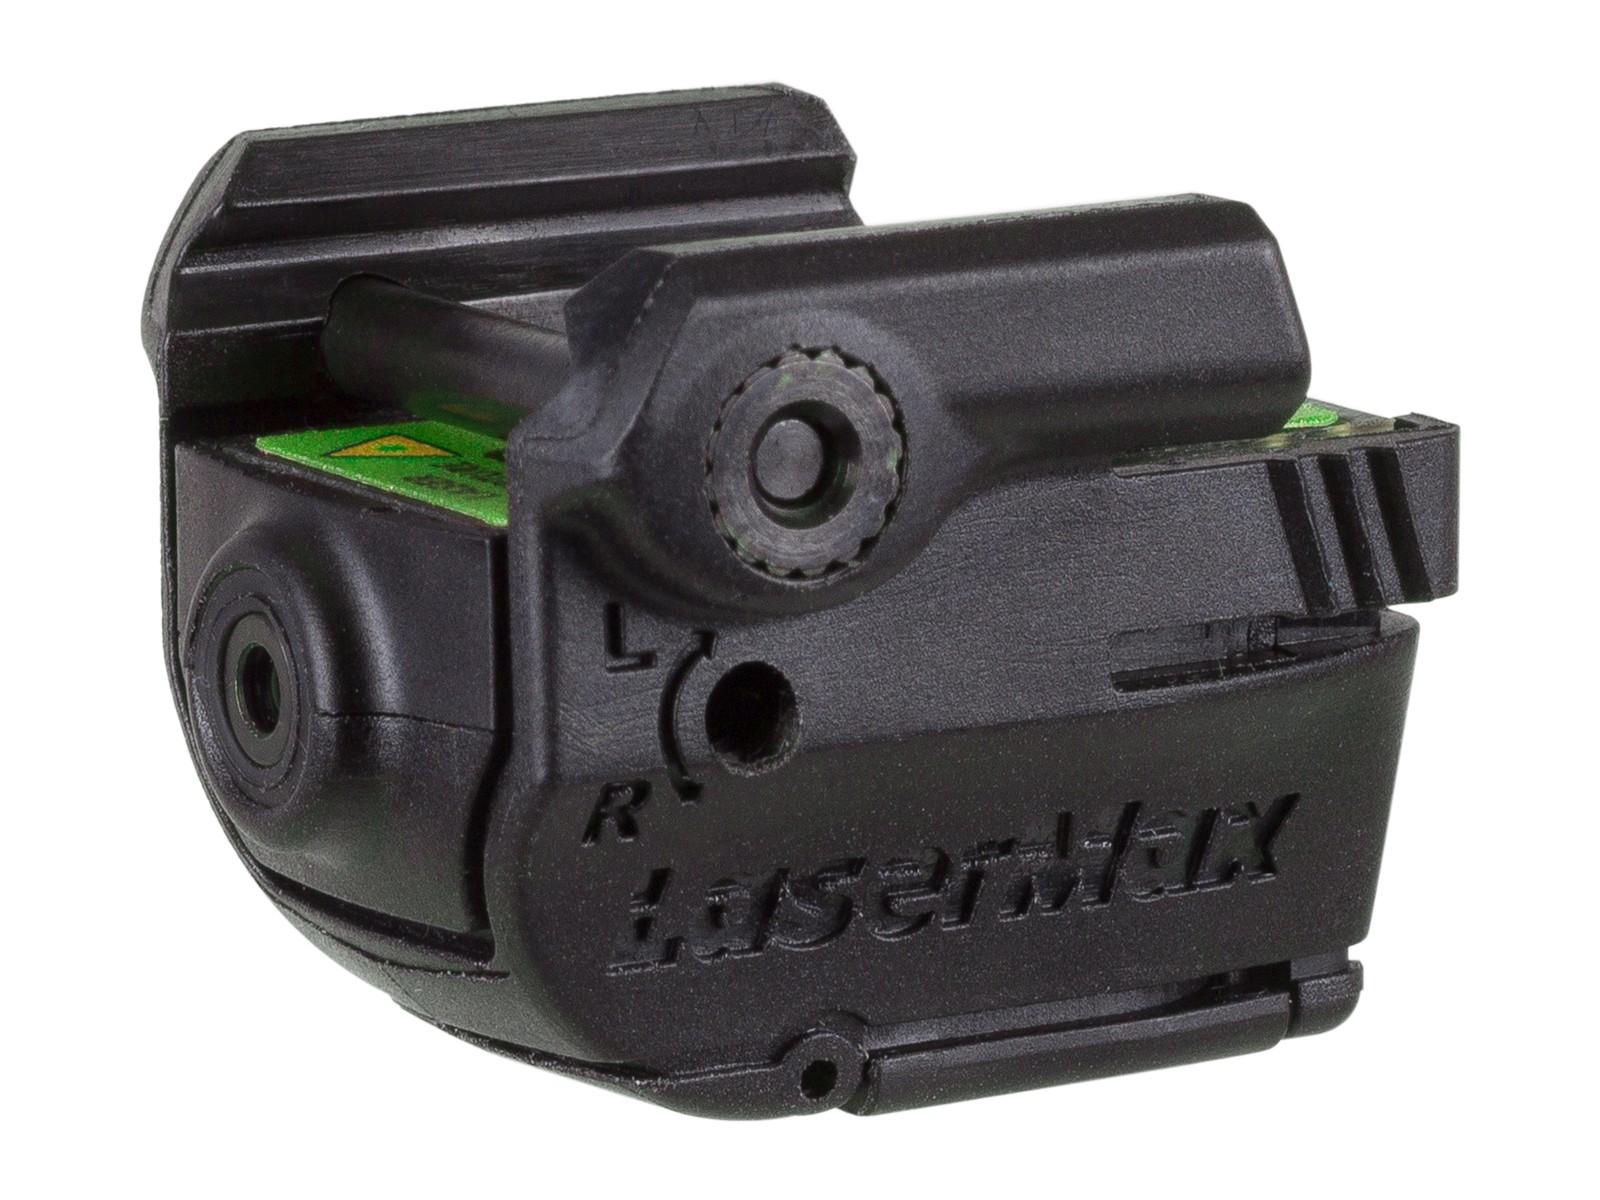 LaserMax Green Micro